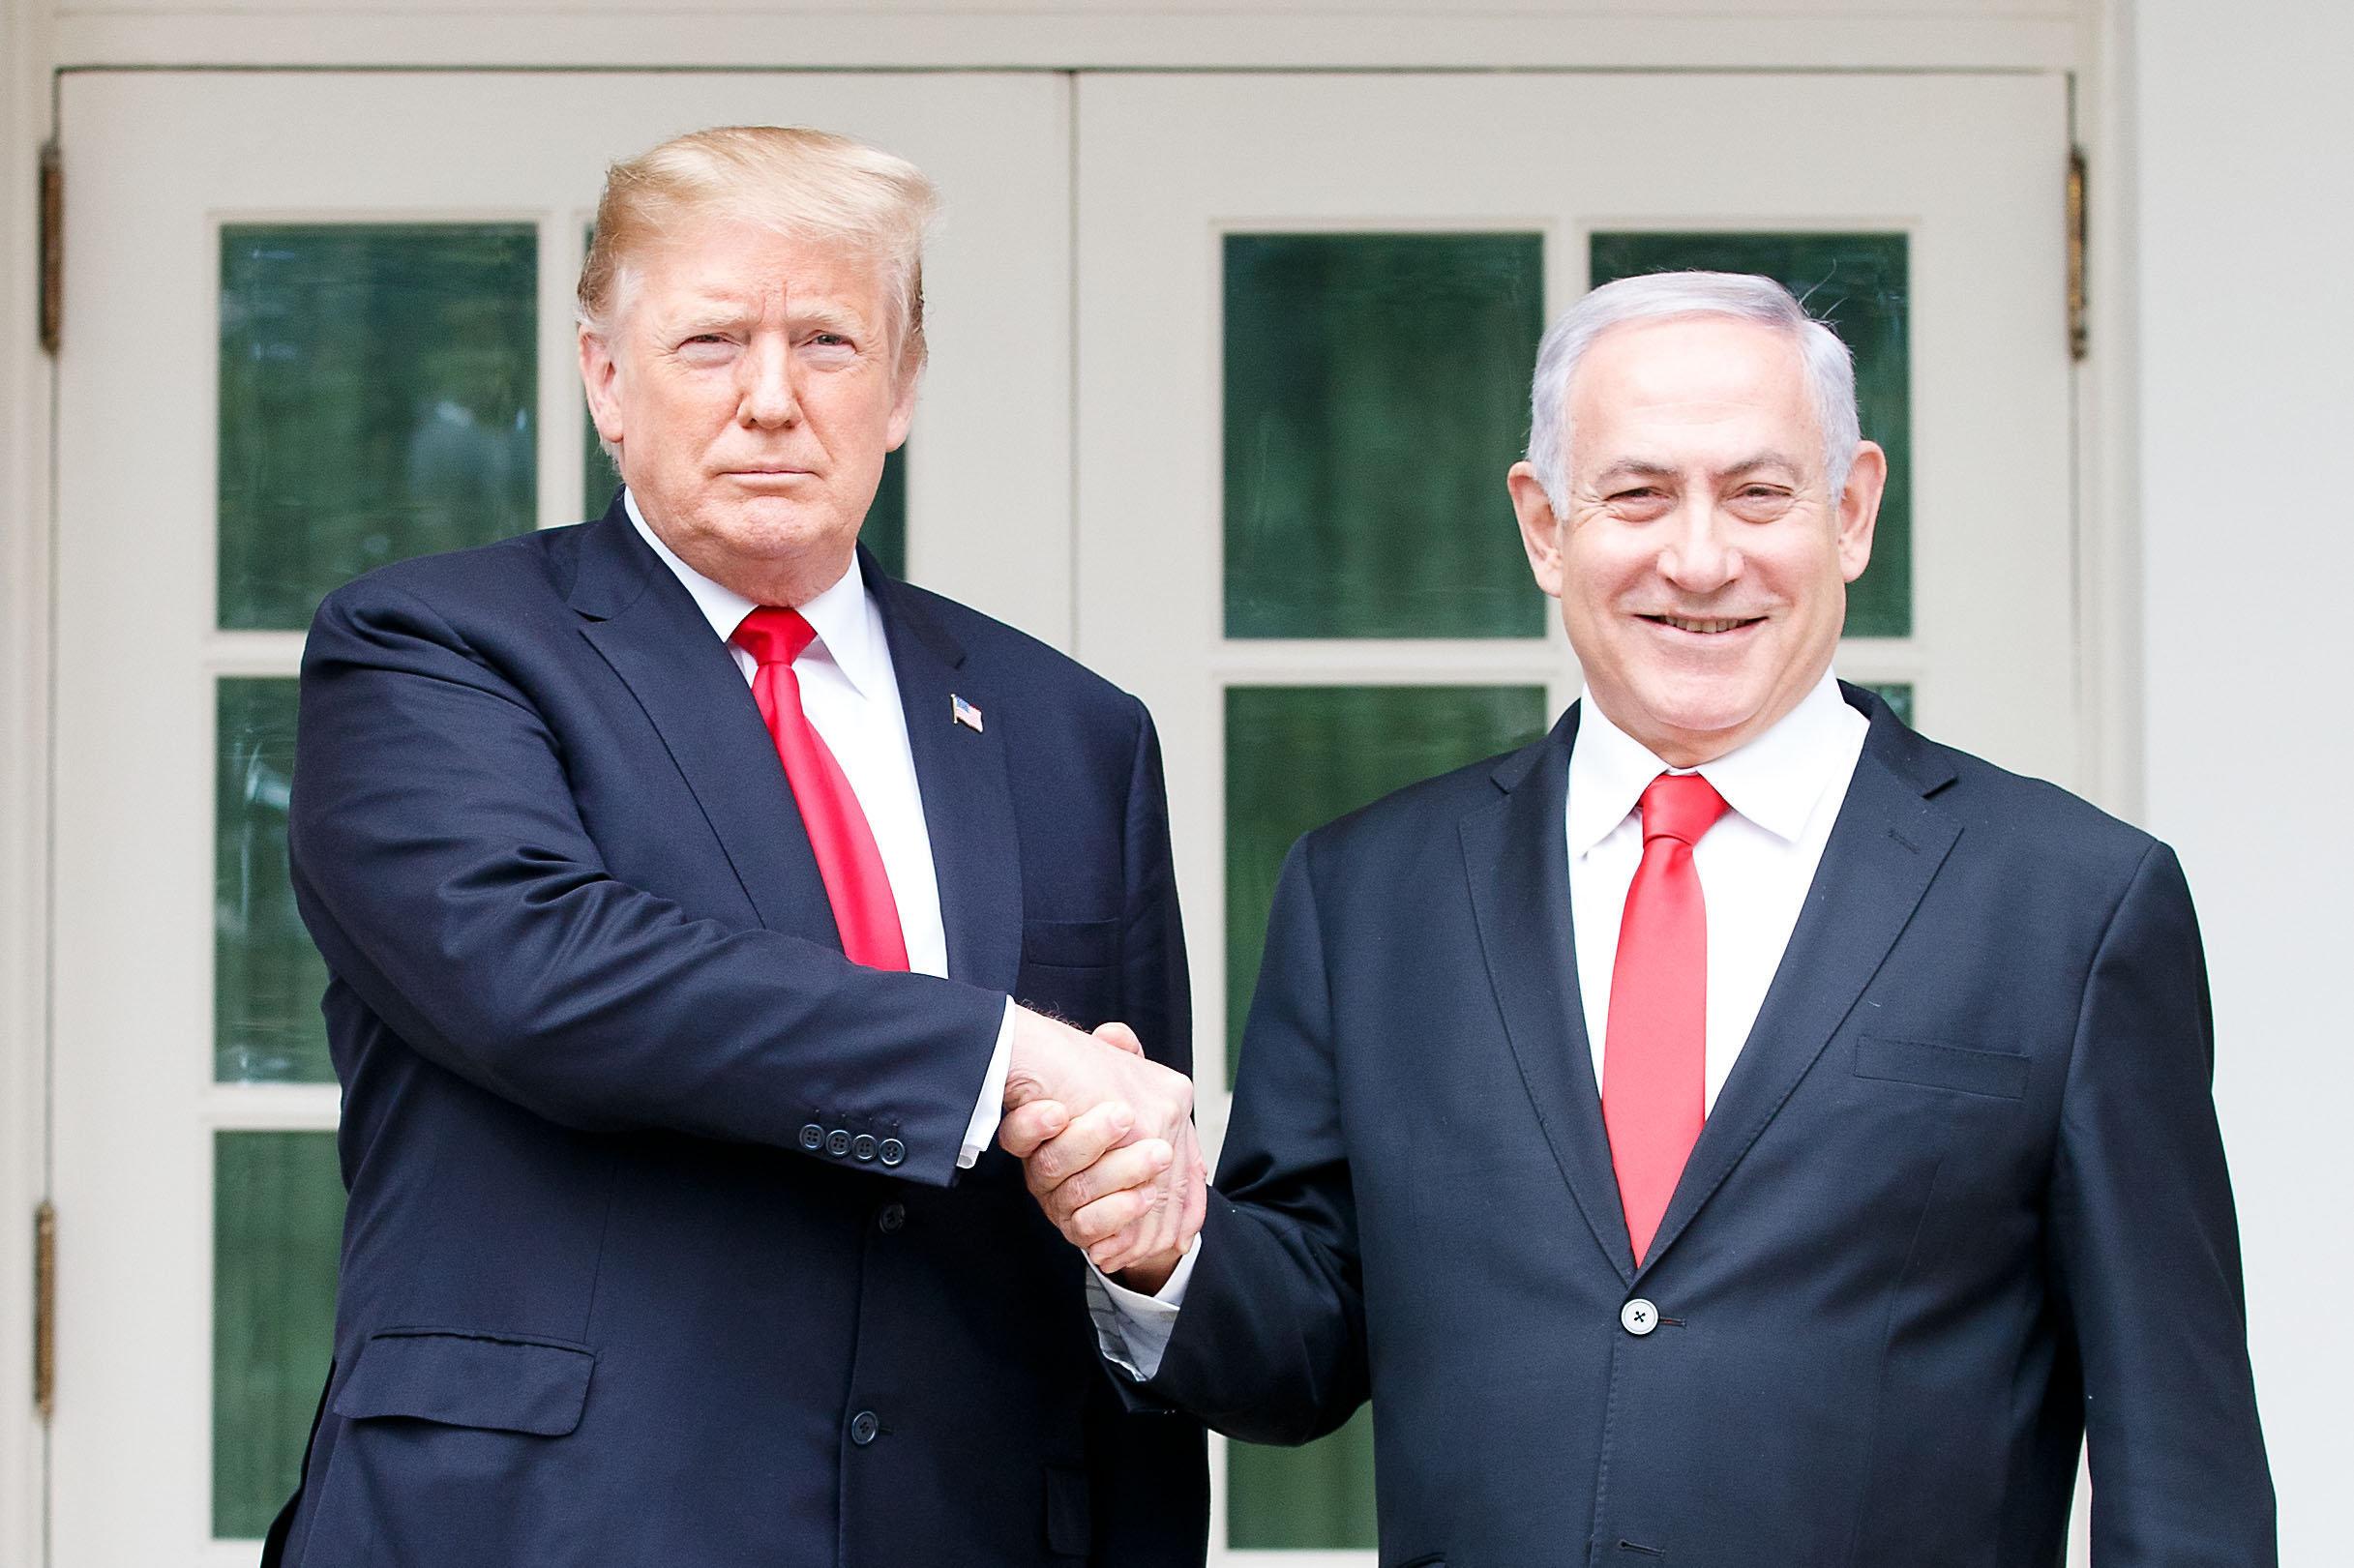 El regalo de Netanyahu a Trump: una colonia ilegal en el Golán ocupado con su